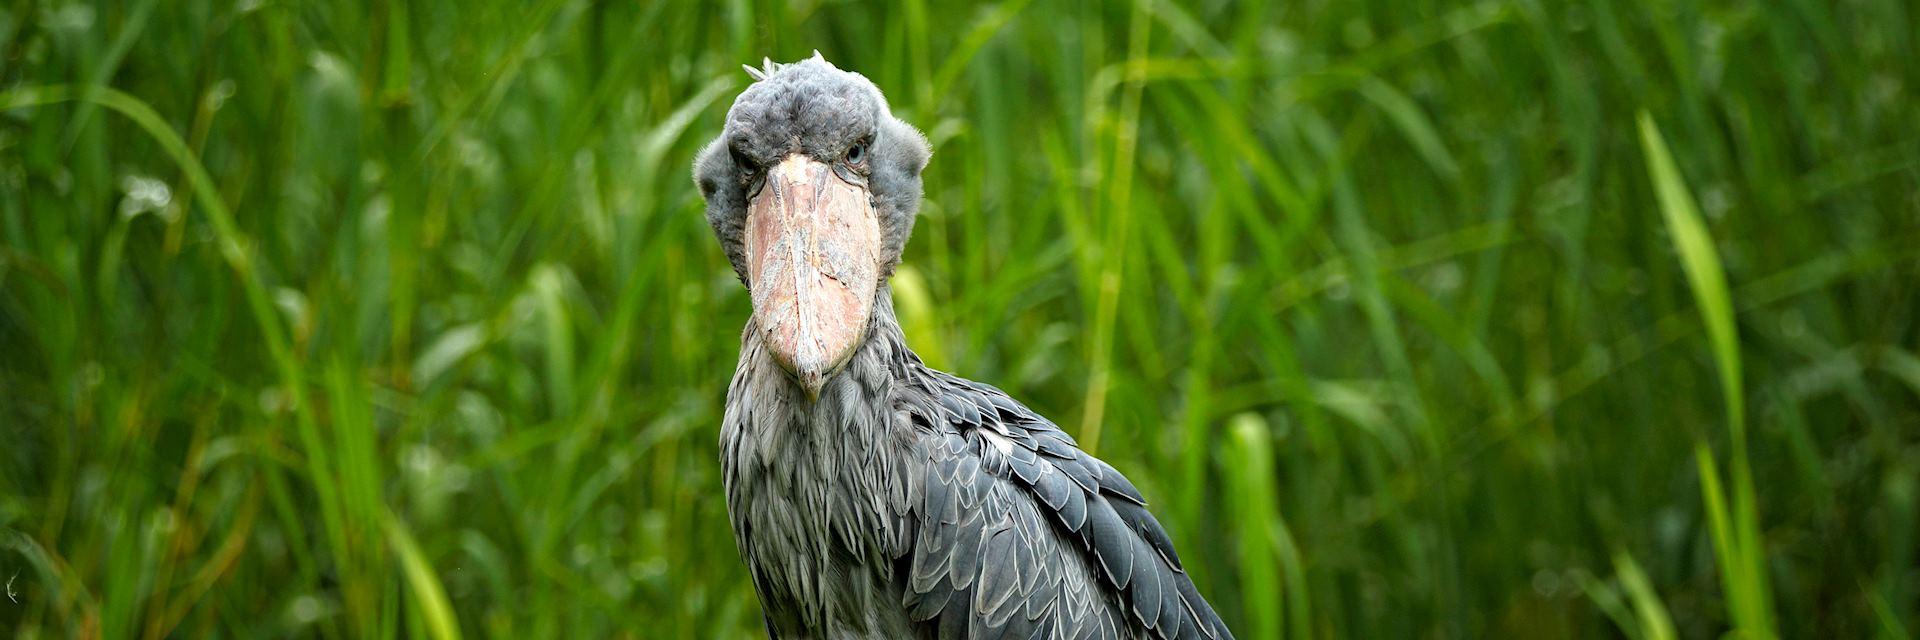 Shoebill, Bangweulu Wetlands